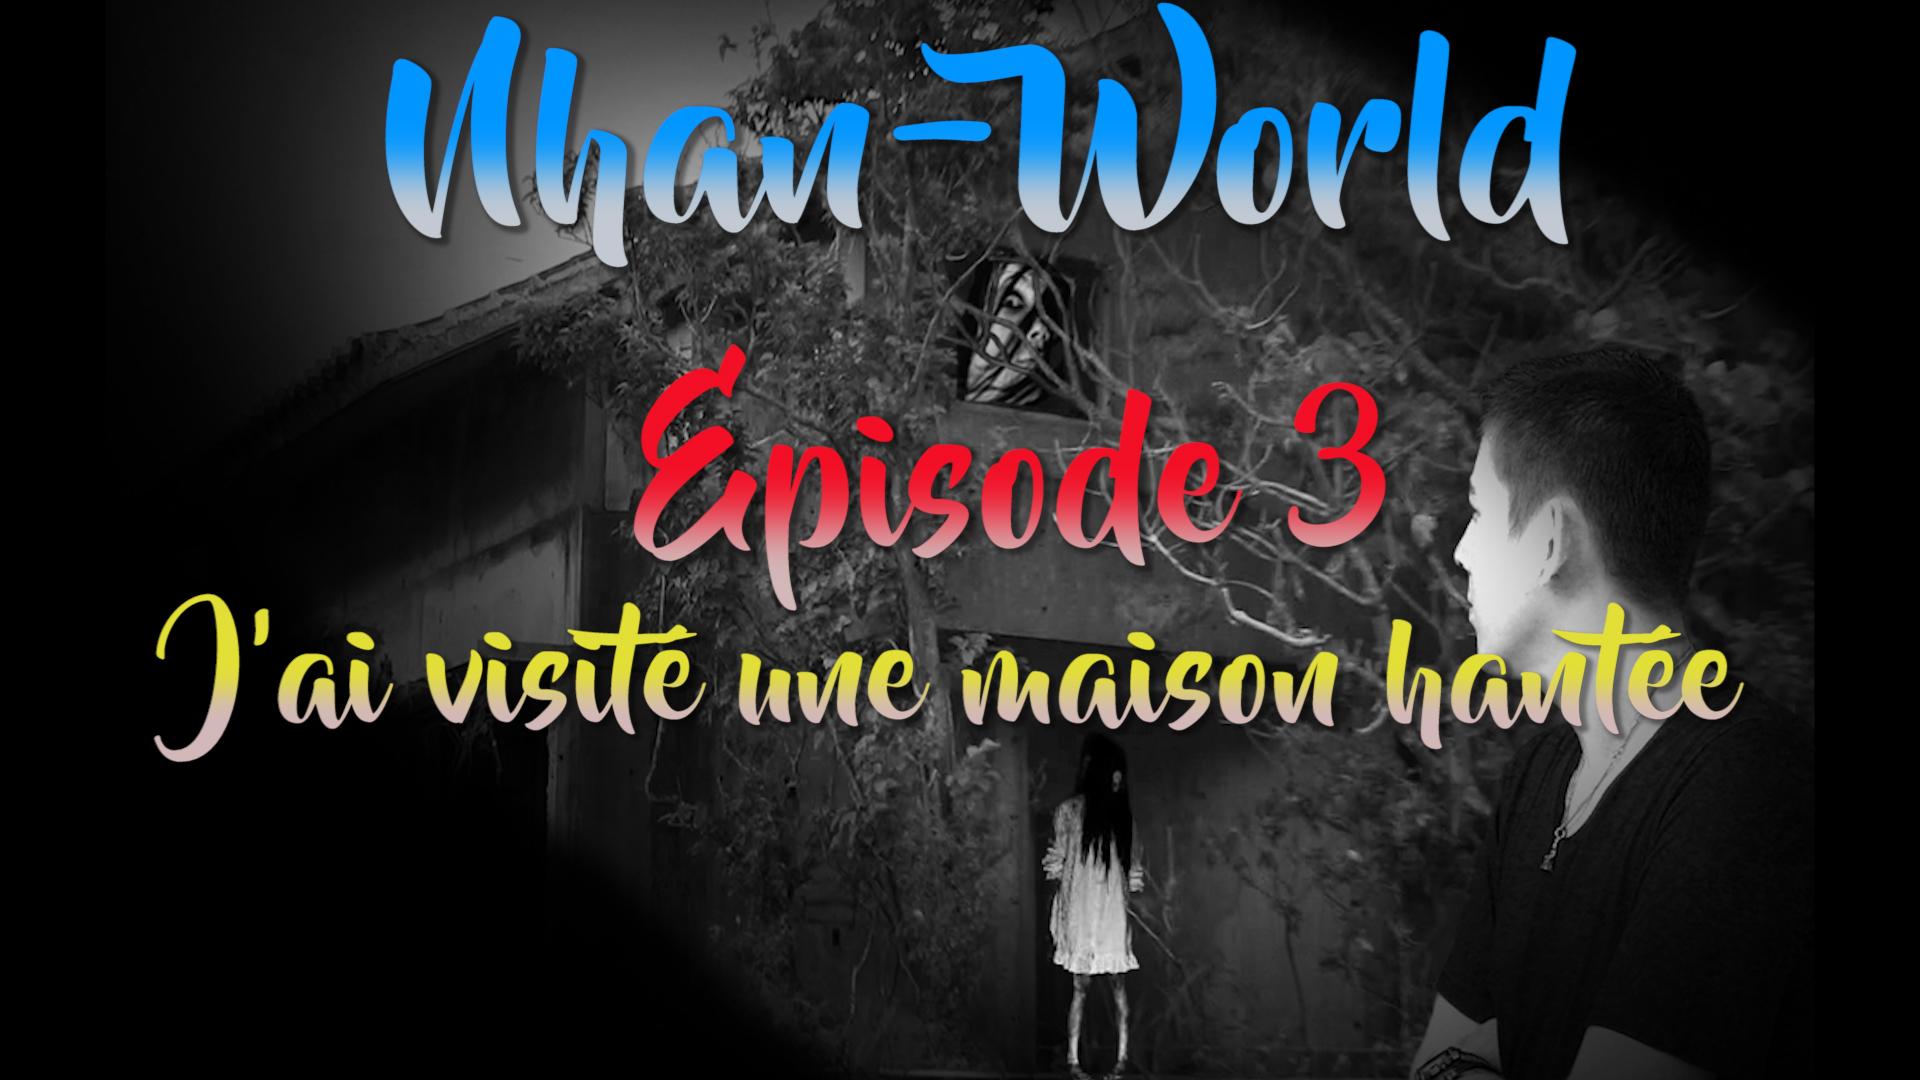 Documentaire – Japon Episode 3 – J'ai visité une maison hantée